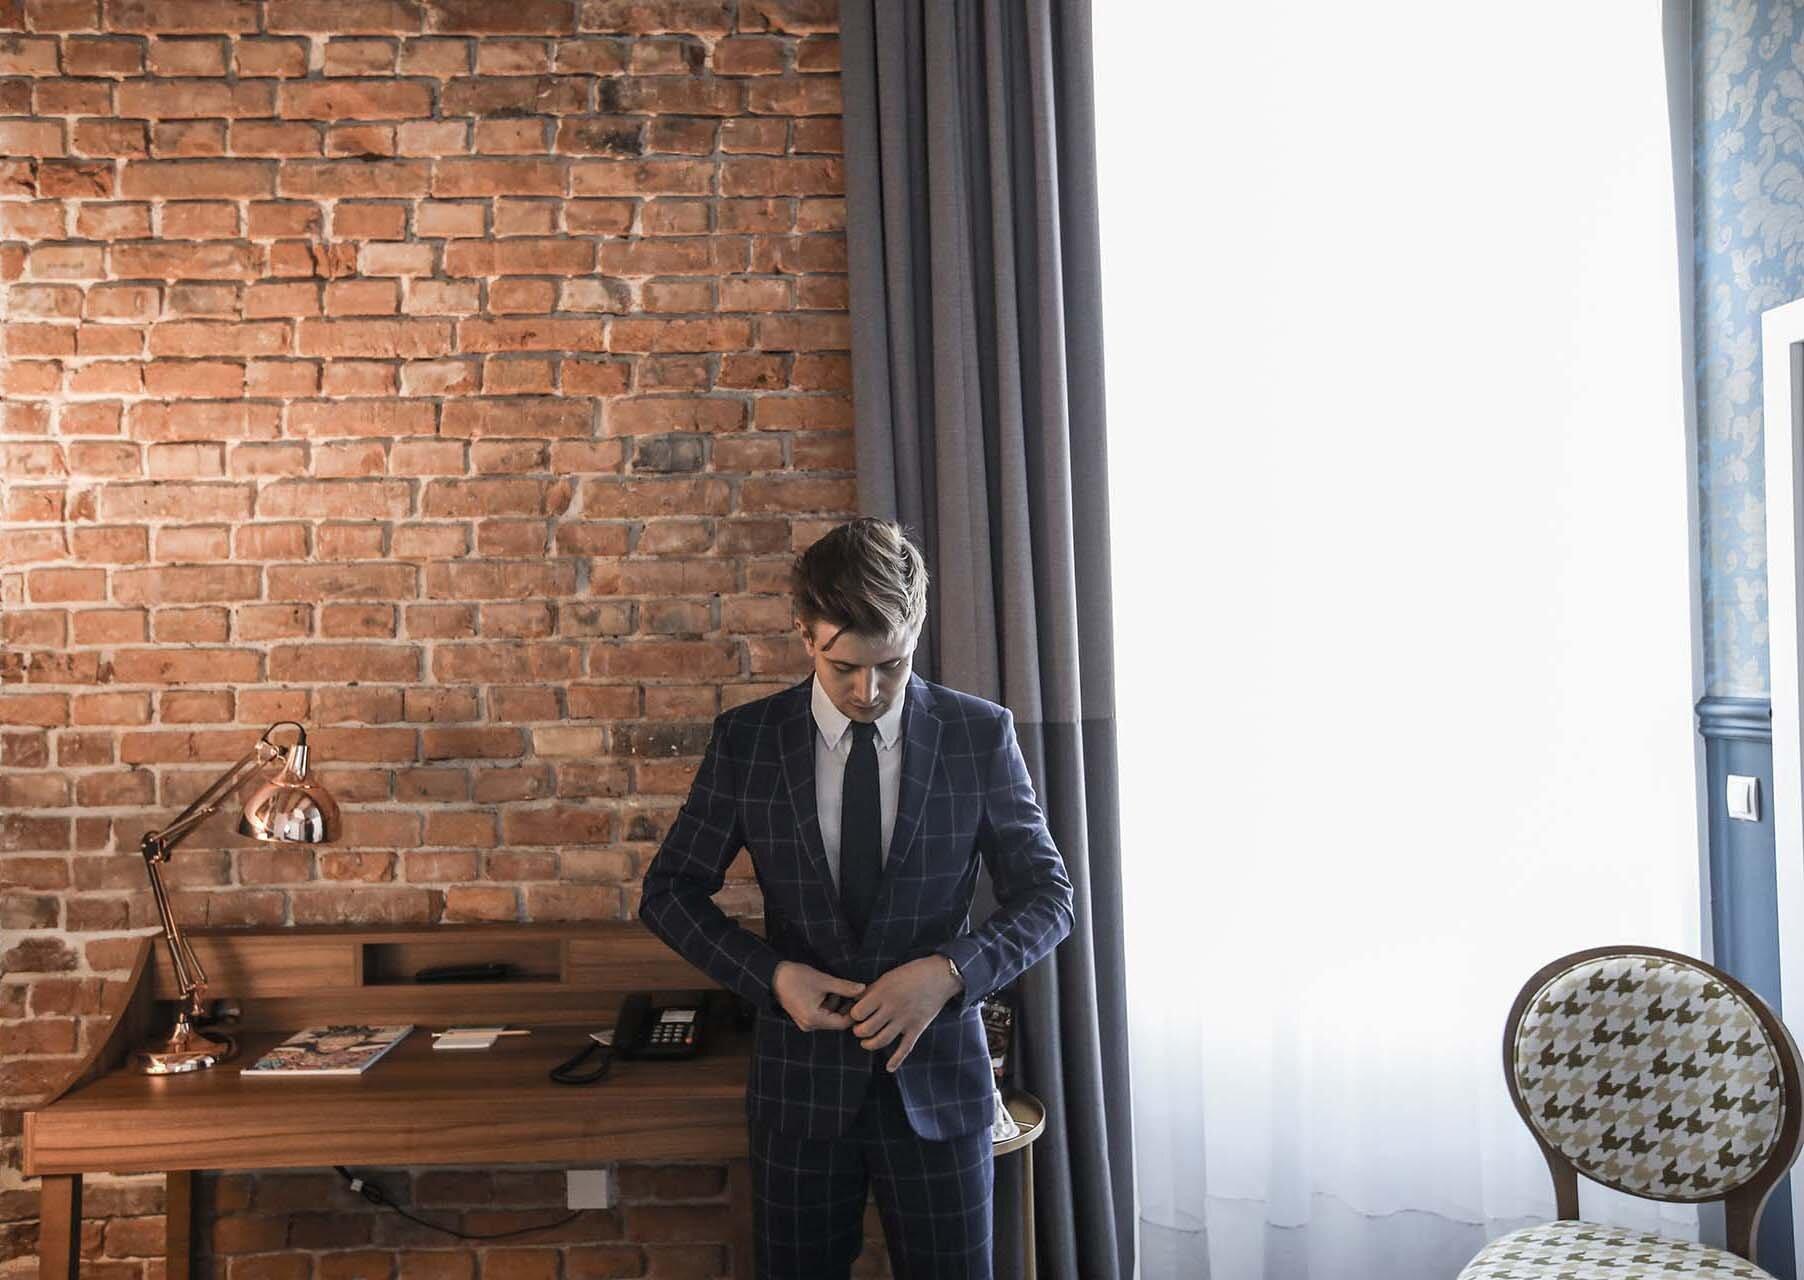 Elegancki mężczyzna, Elegancki garnitur, Grantowy garnitur Zara, Grantowy garnitur w kratę, Zegarek Albert Riele, Zegarek Apart, Kraków Hotel Indigo